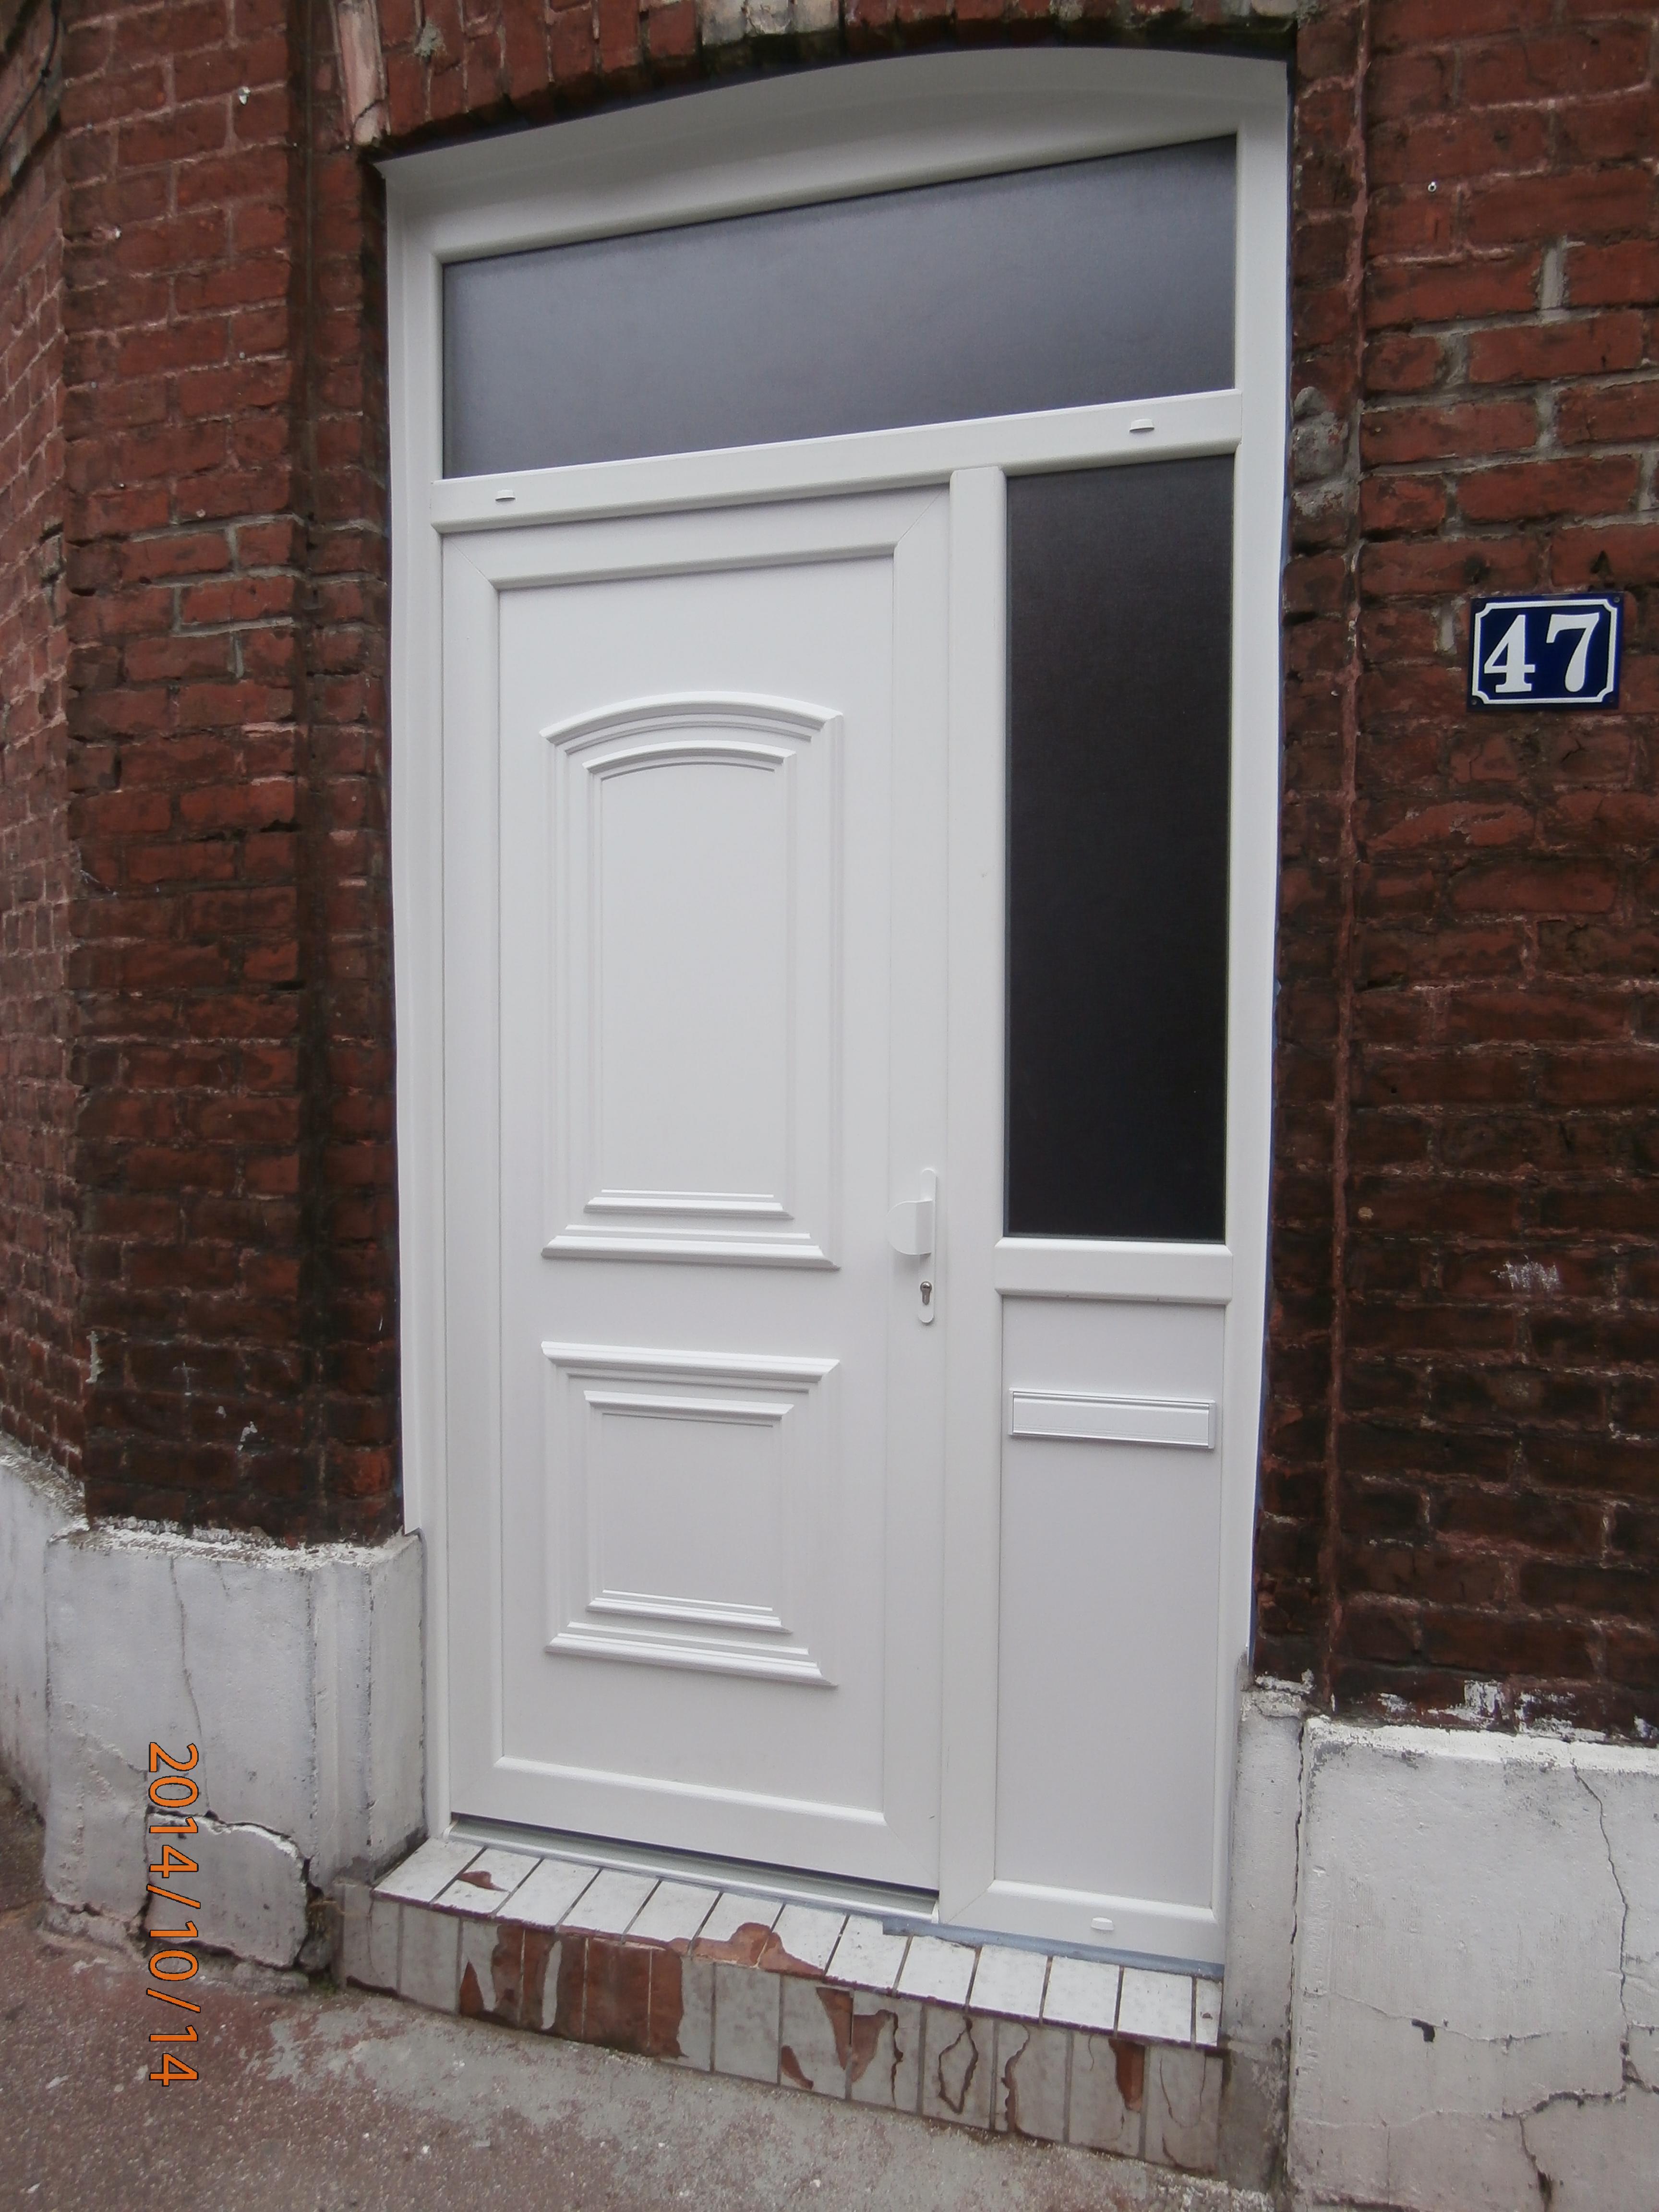 Pose d une porte d entr e de maison en pvc for Porte d entree maison